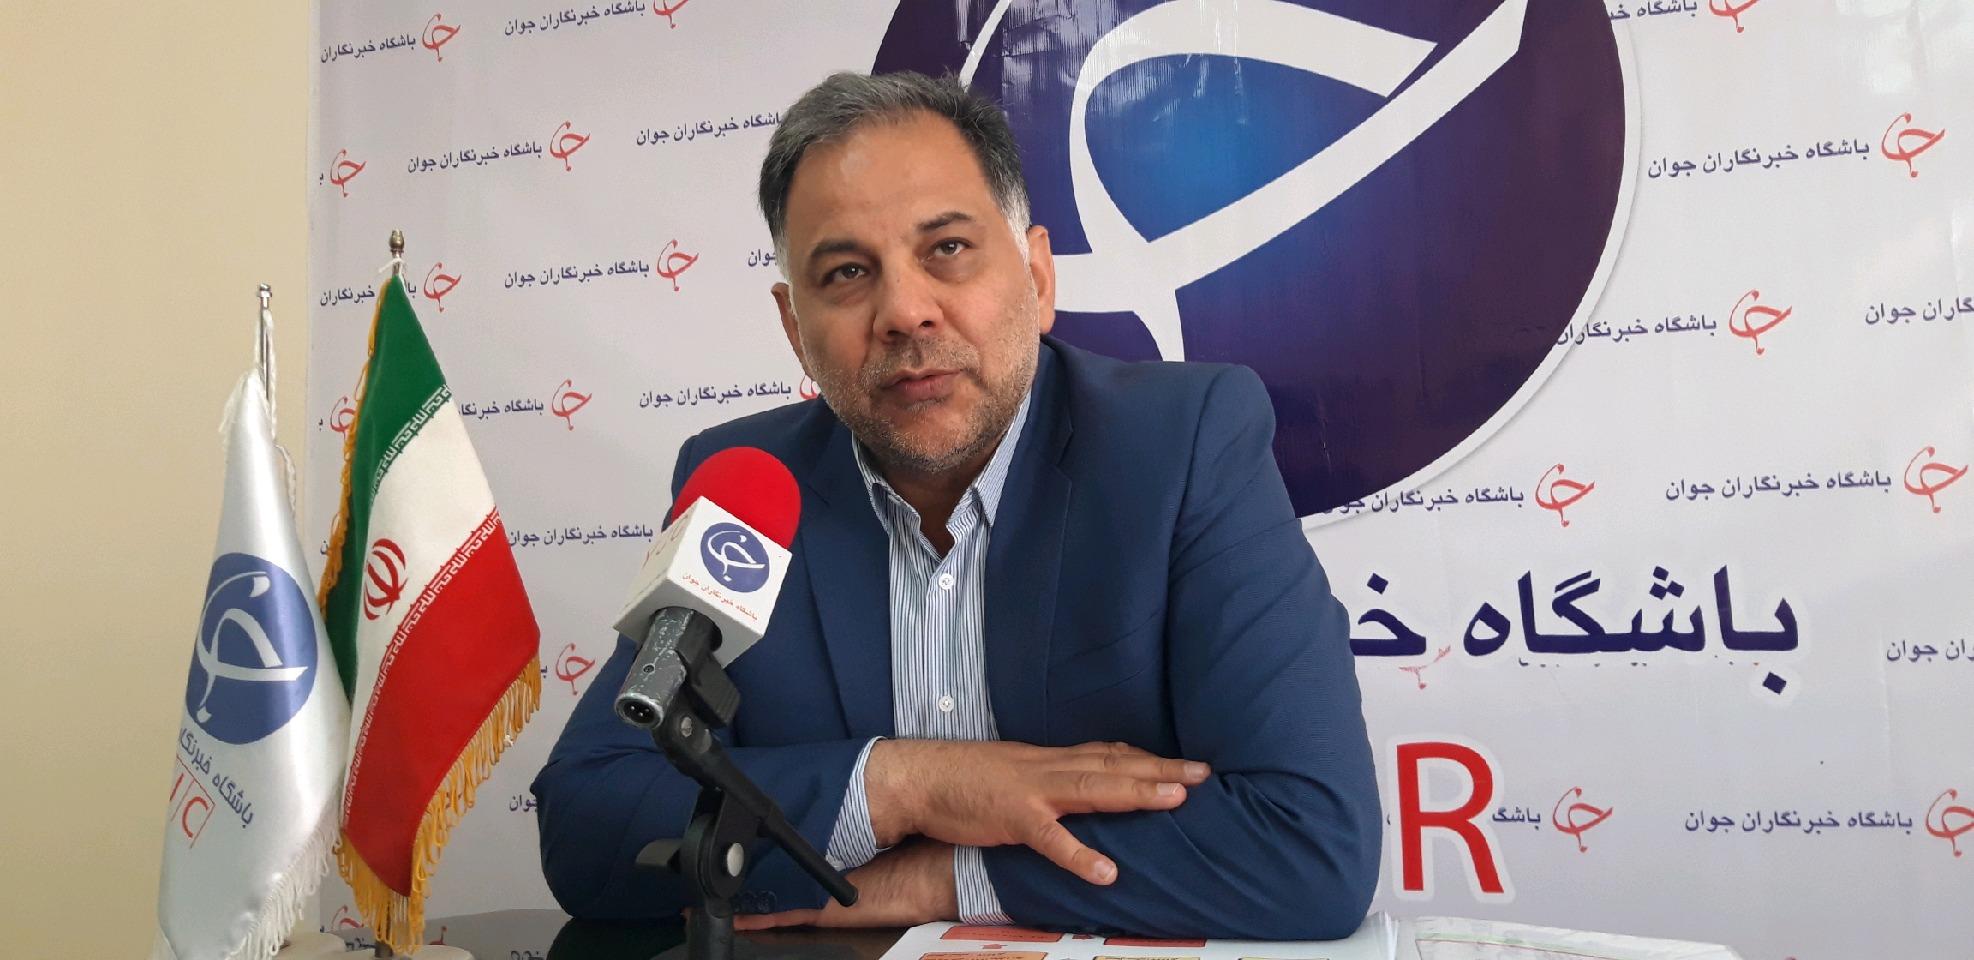 افتتاح و کلنگ زنی ۷۶ طرح اقتصادی در آذربایجان غربی